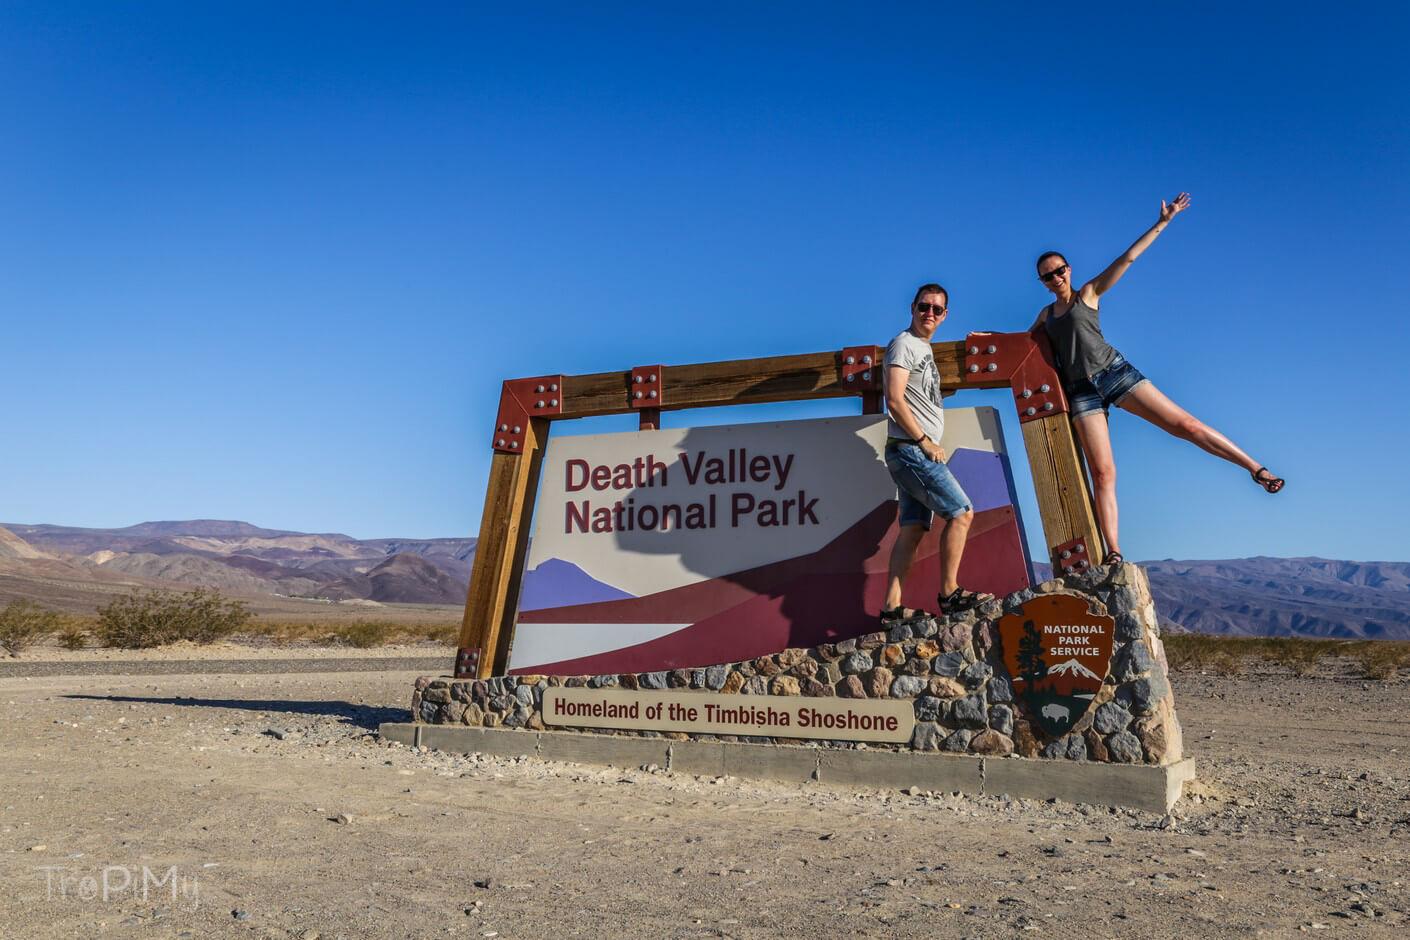 Wjeżdżamy do Doliny Śmierci!